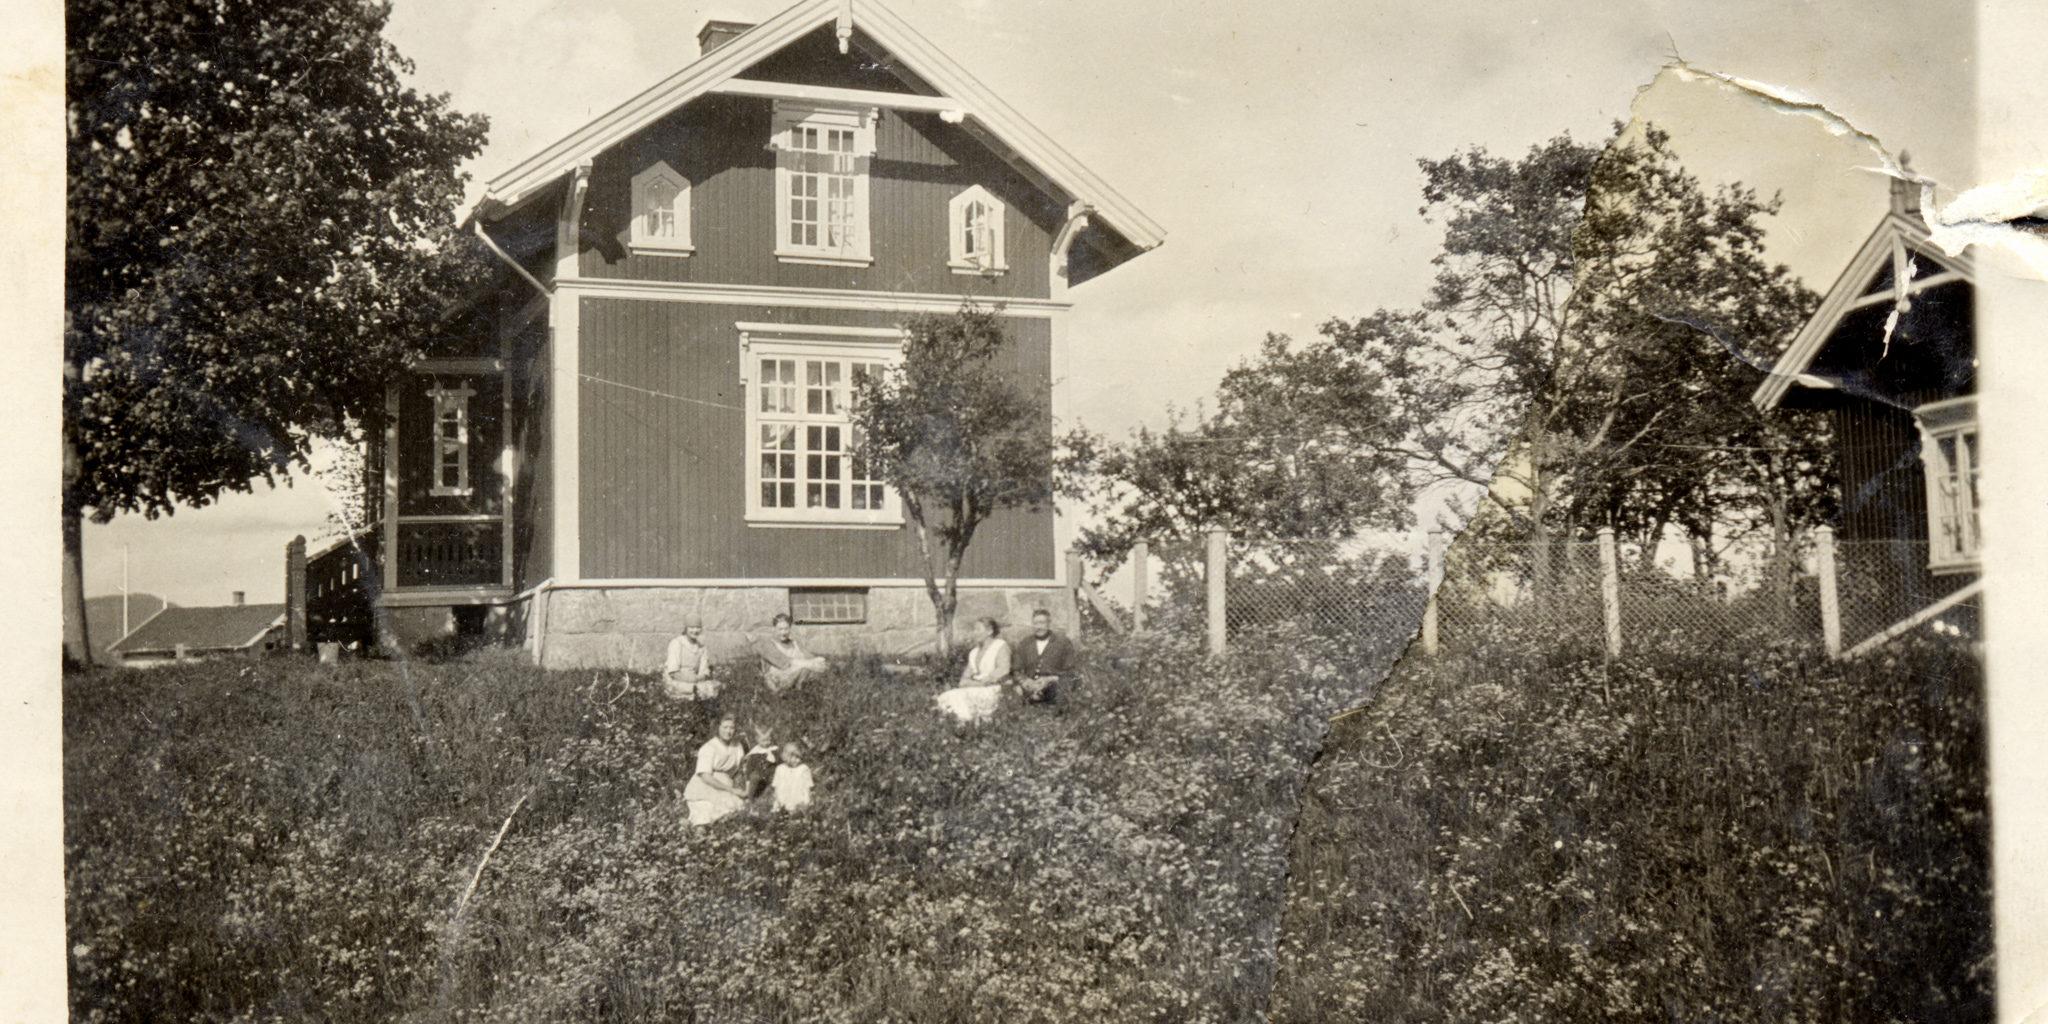 Slusevokterboligen i Lunde hadde fjøs og kjøkkenhage for dyrking av grønnsaker